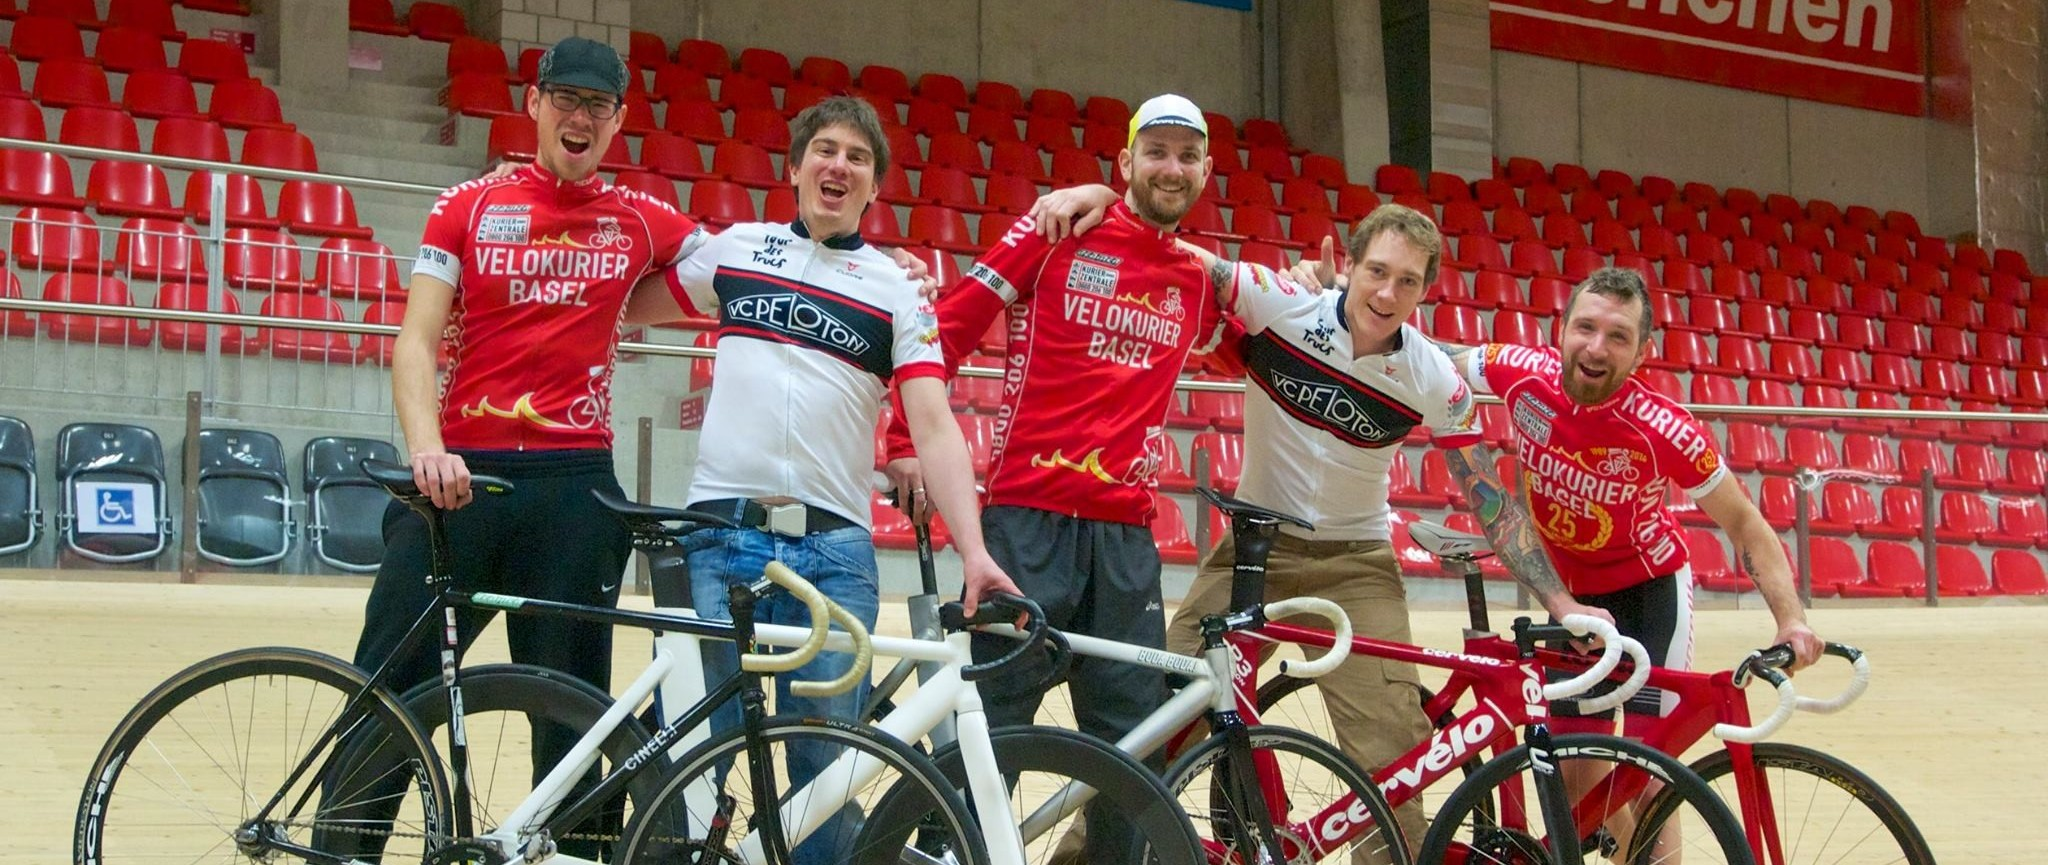 Das Team VC Peloton wird sensationeller 7. am 24h Rennen in Grenchen!!!